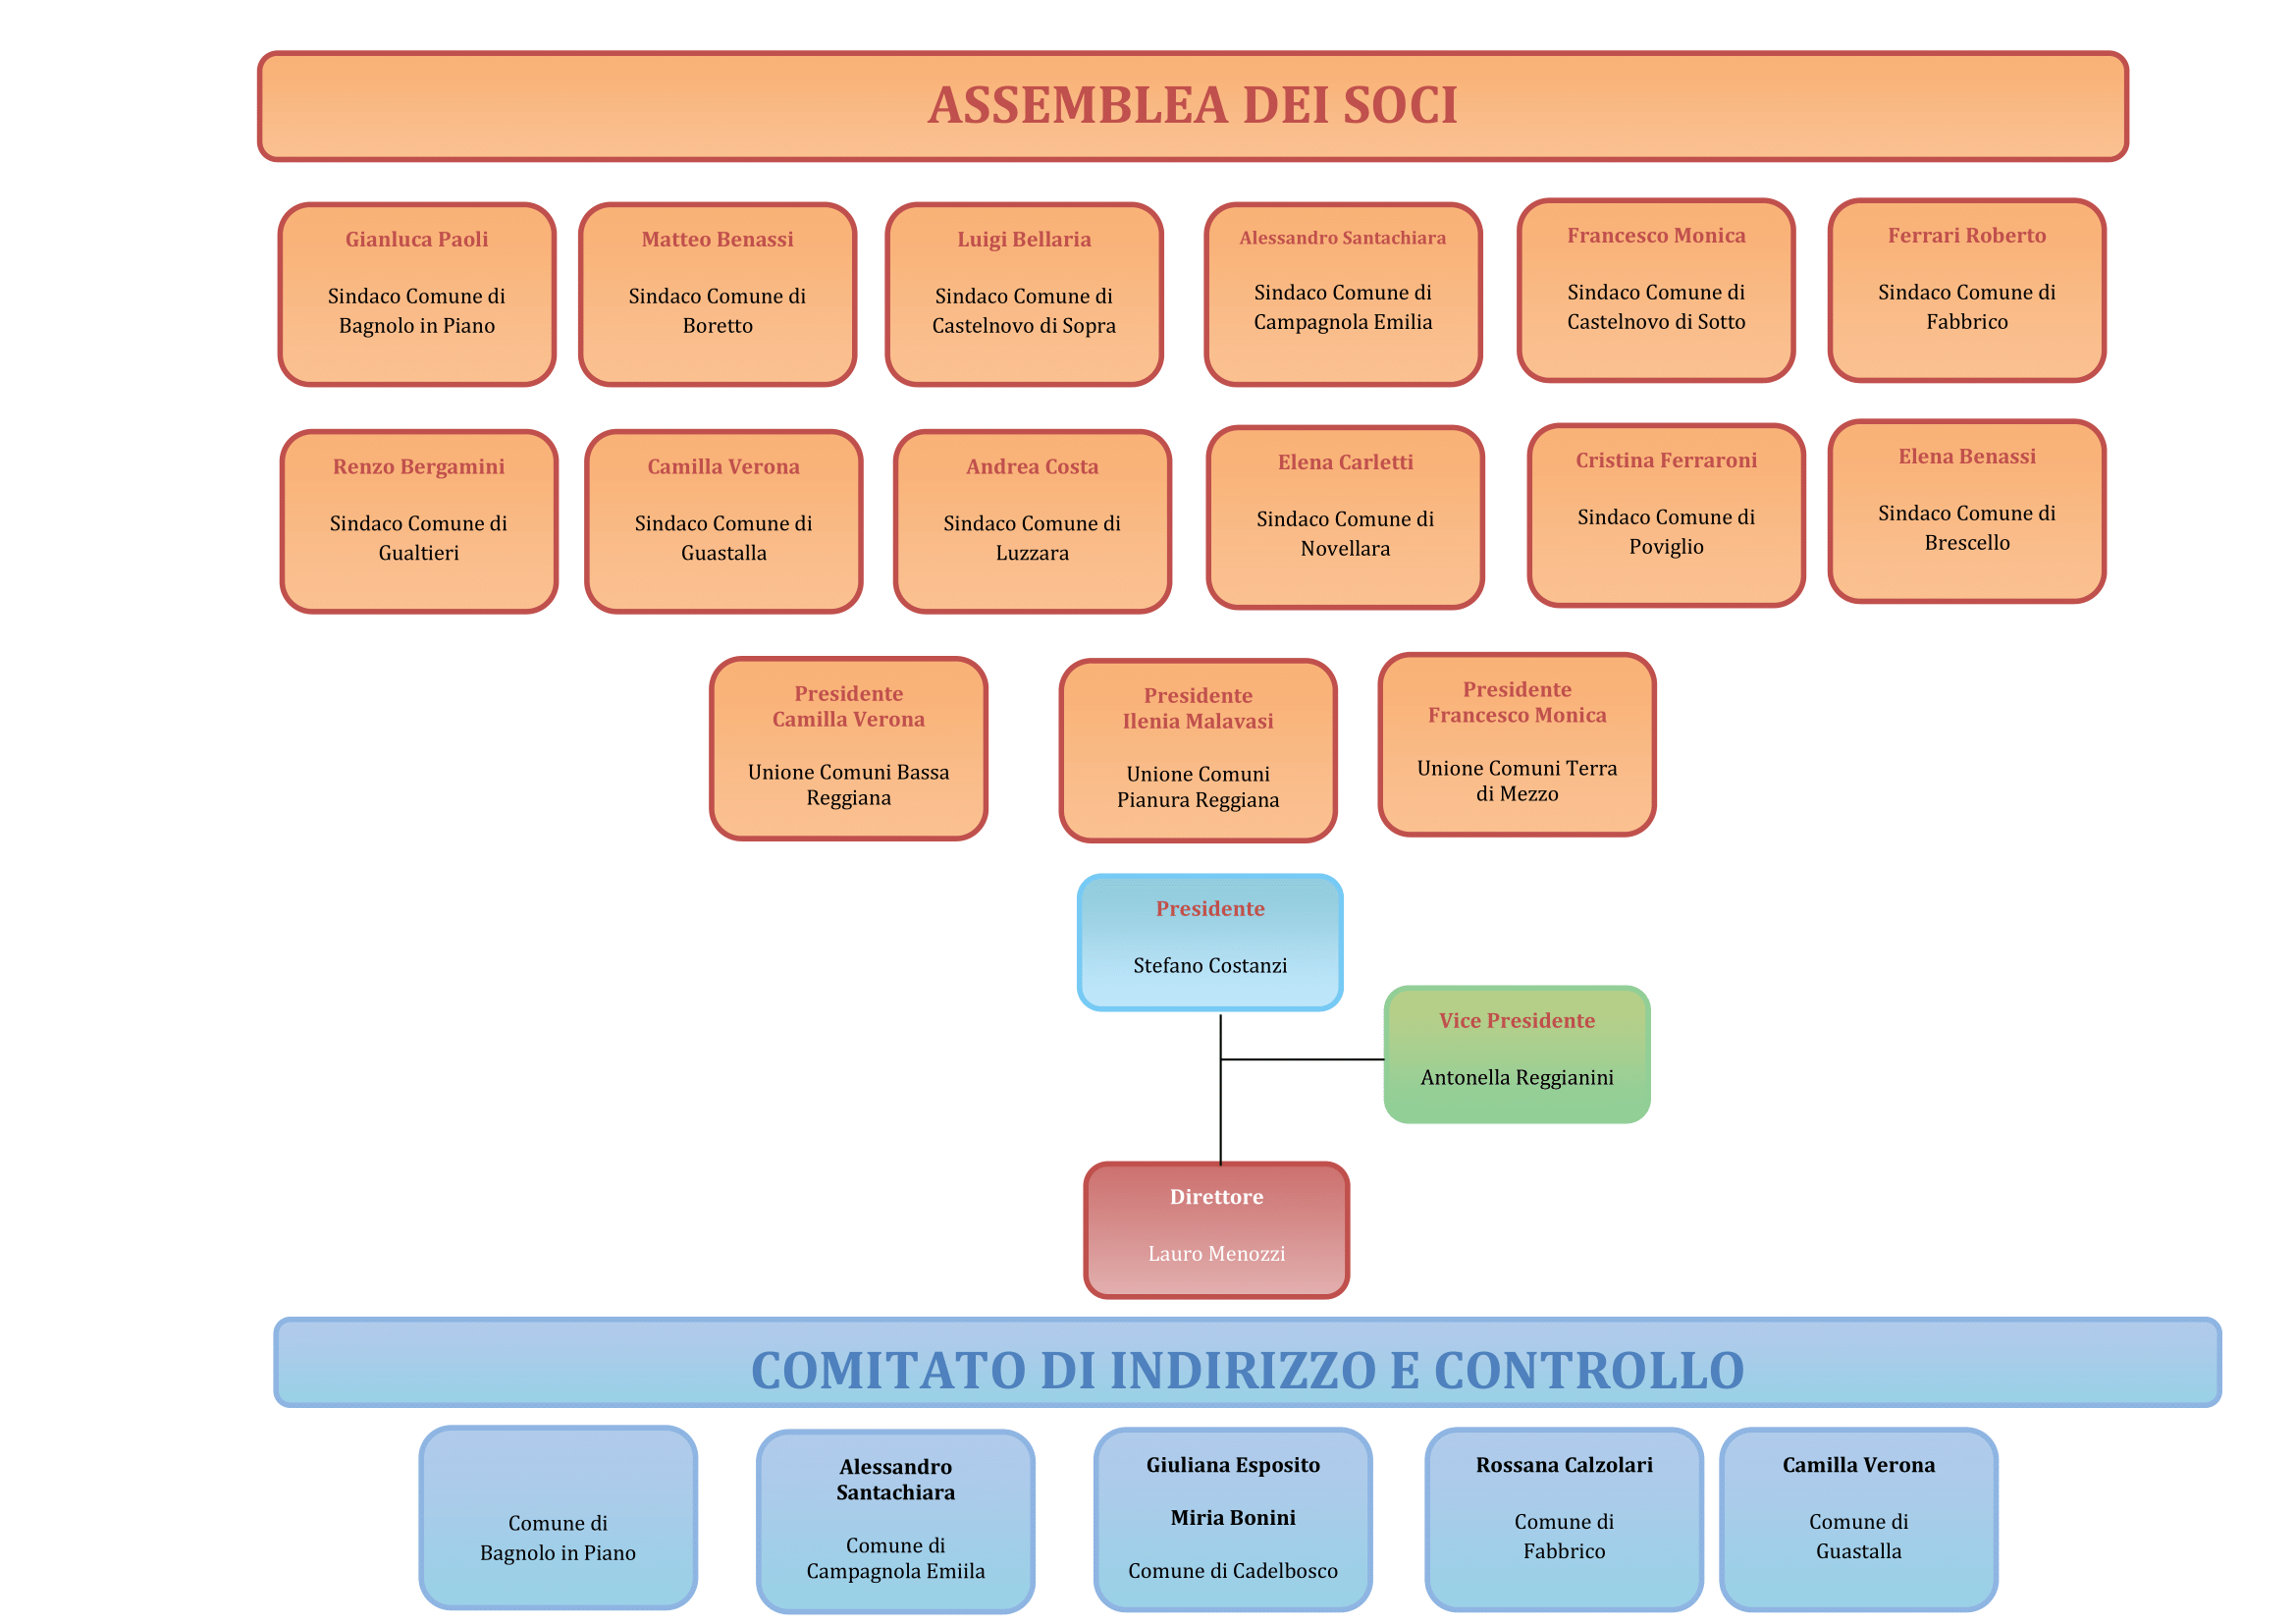 organigramma-aggiornato-al-12062019